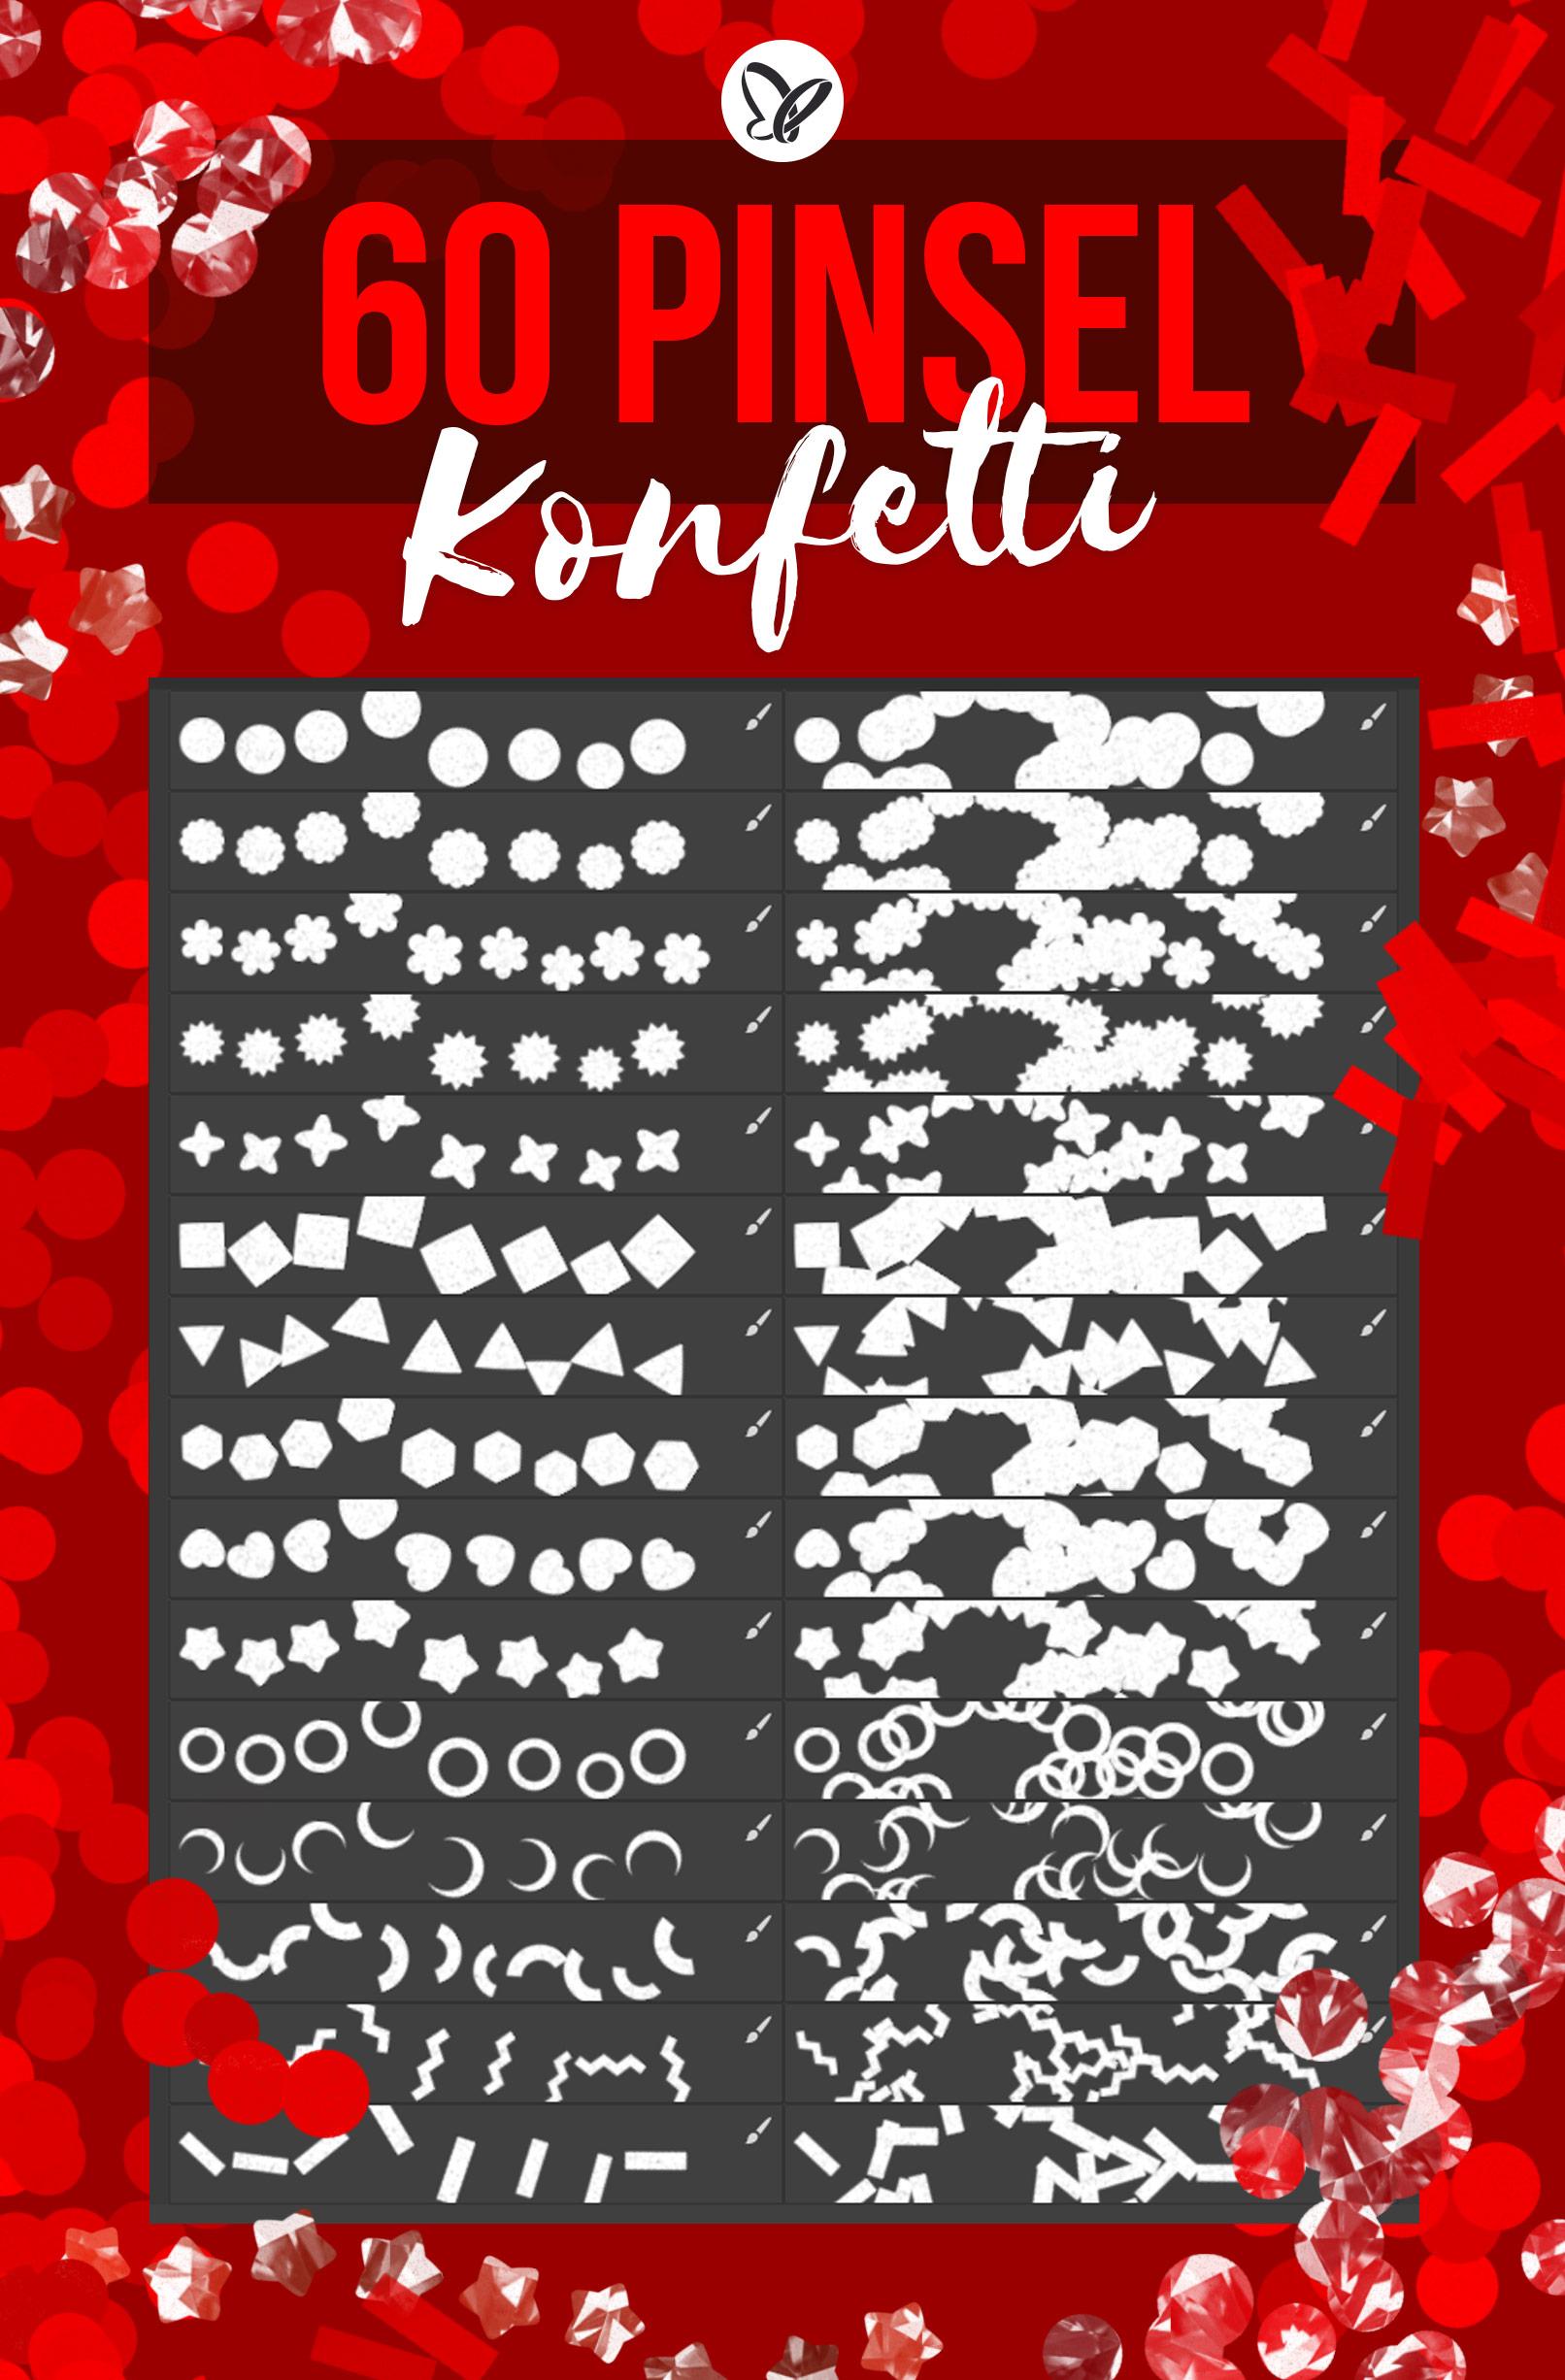 Konfetti-Pinsel für Photoshop mit verschiedenen Formen (Kreise, Rechtecke, Herzen)